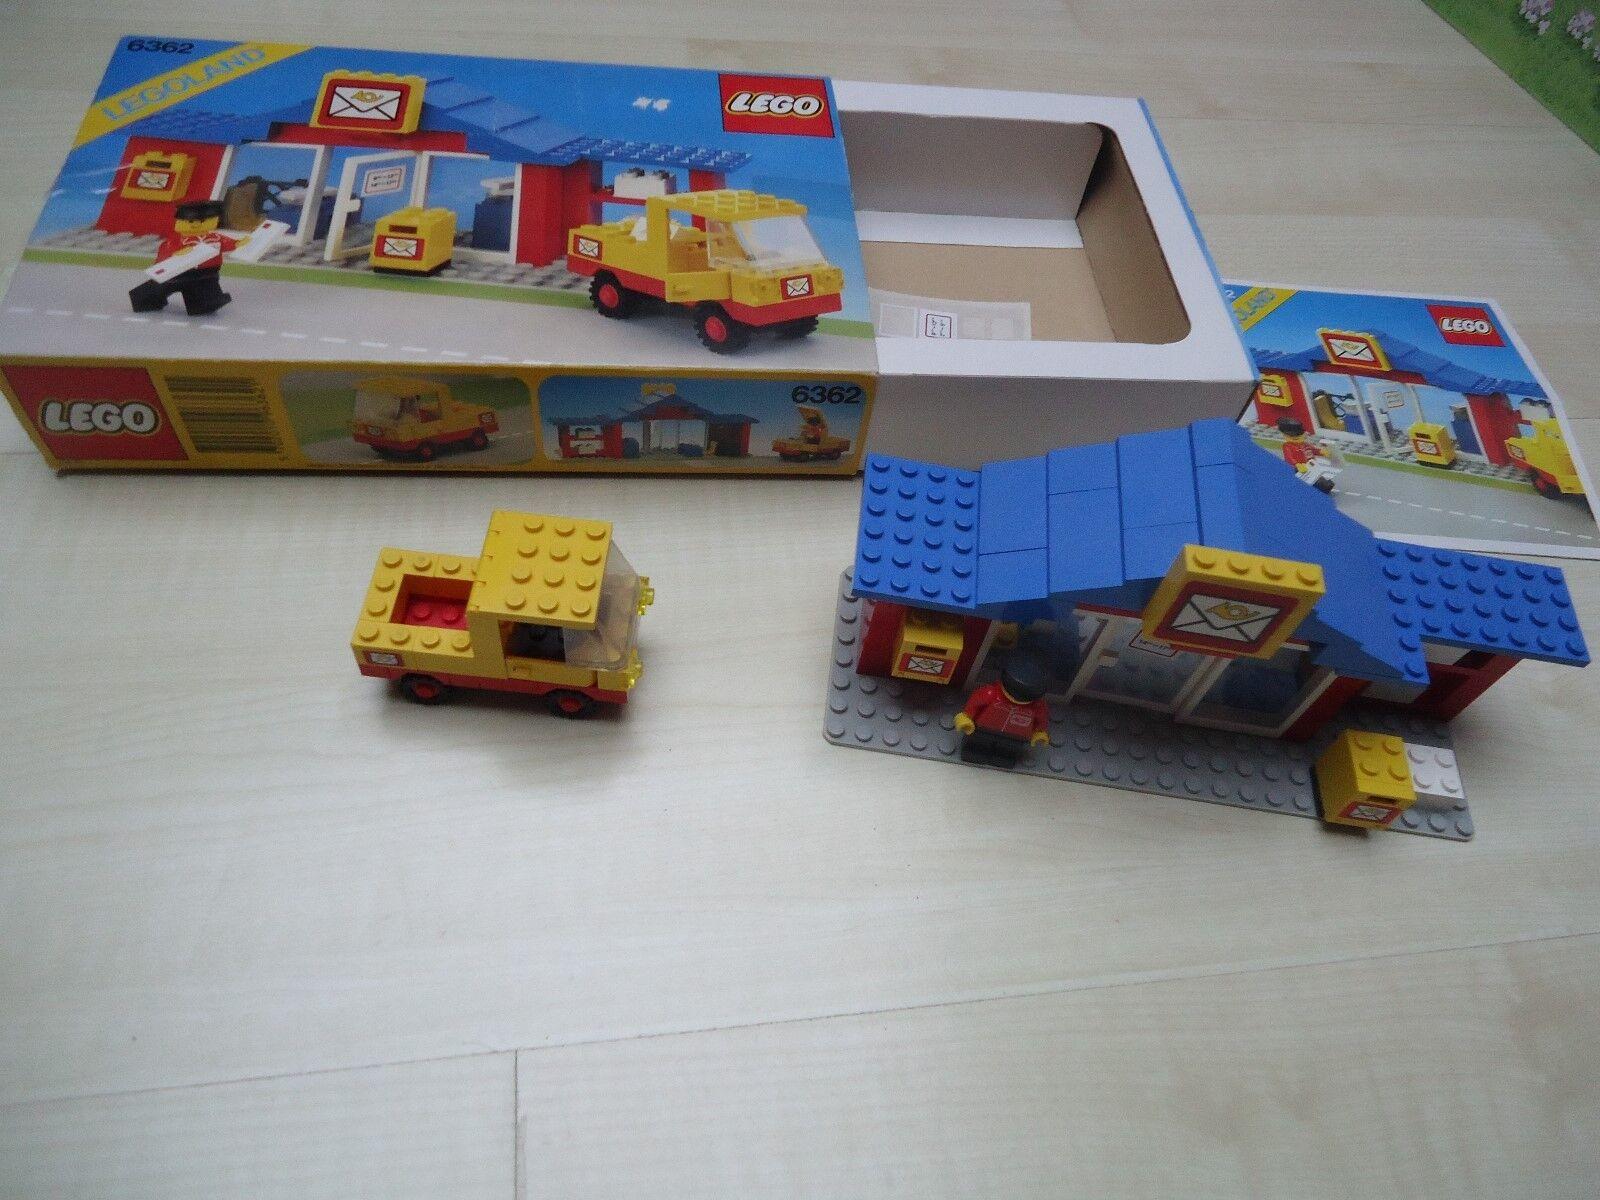 Lego Postamt mit Paketwagen 6362 komplett OVP mit Anleitung